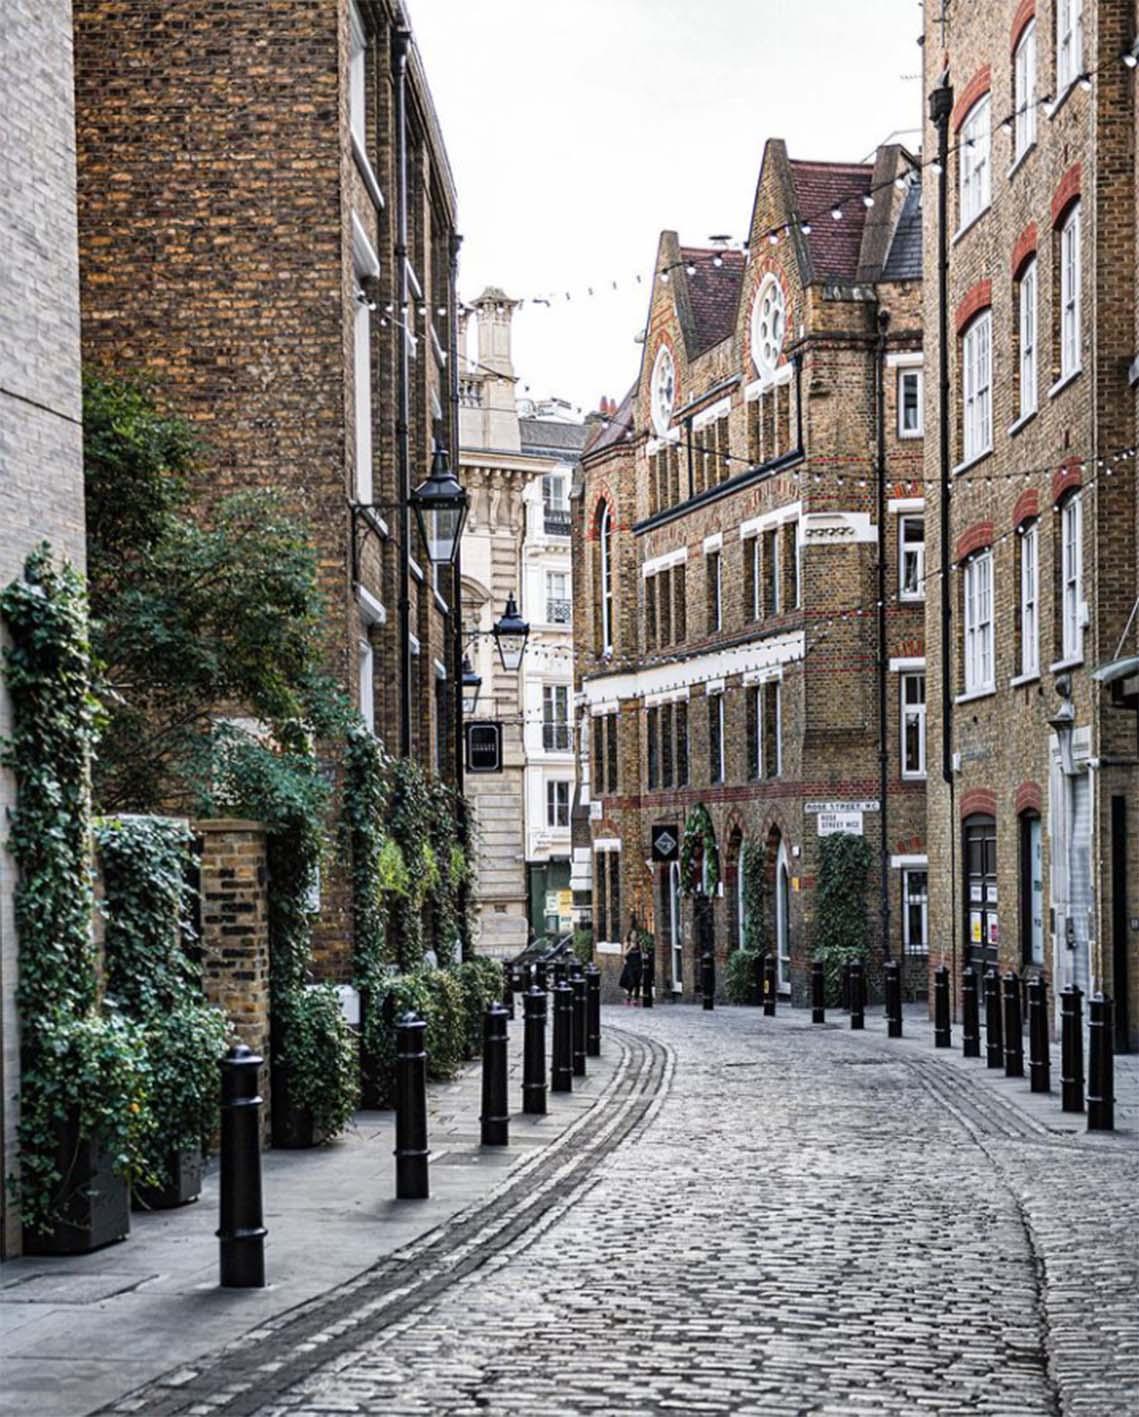 Andrea Di Fillipo: Covent Garden